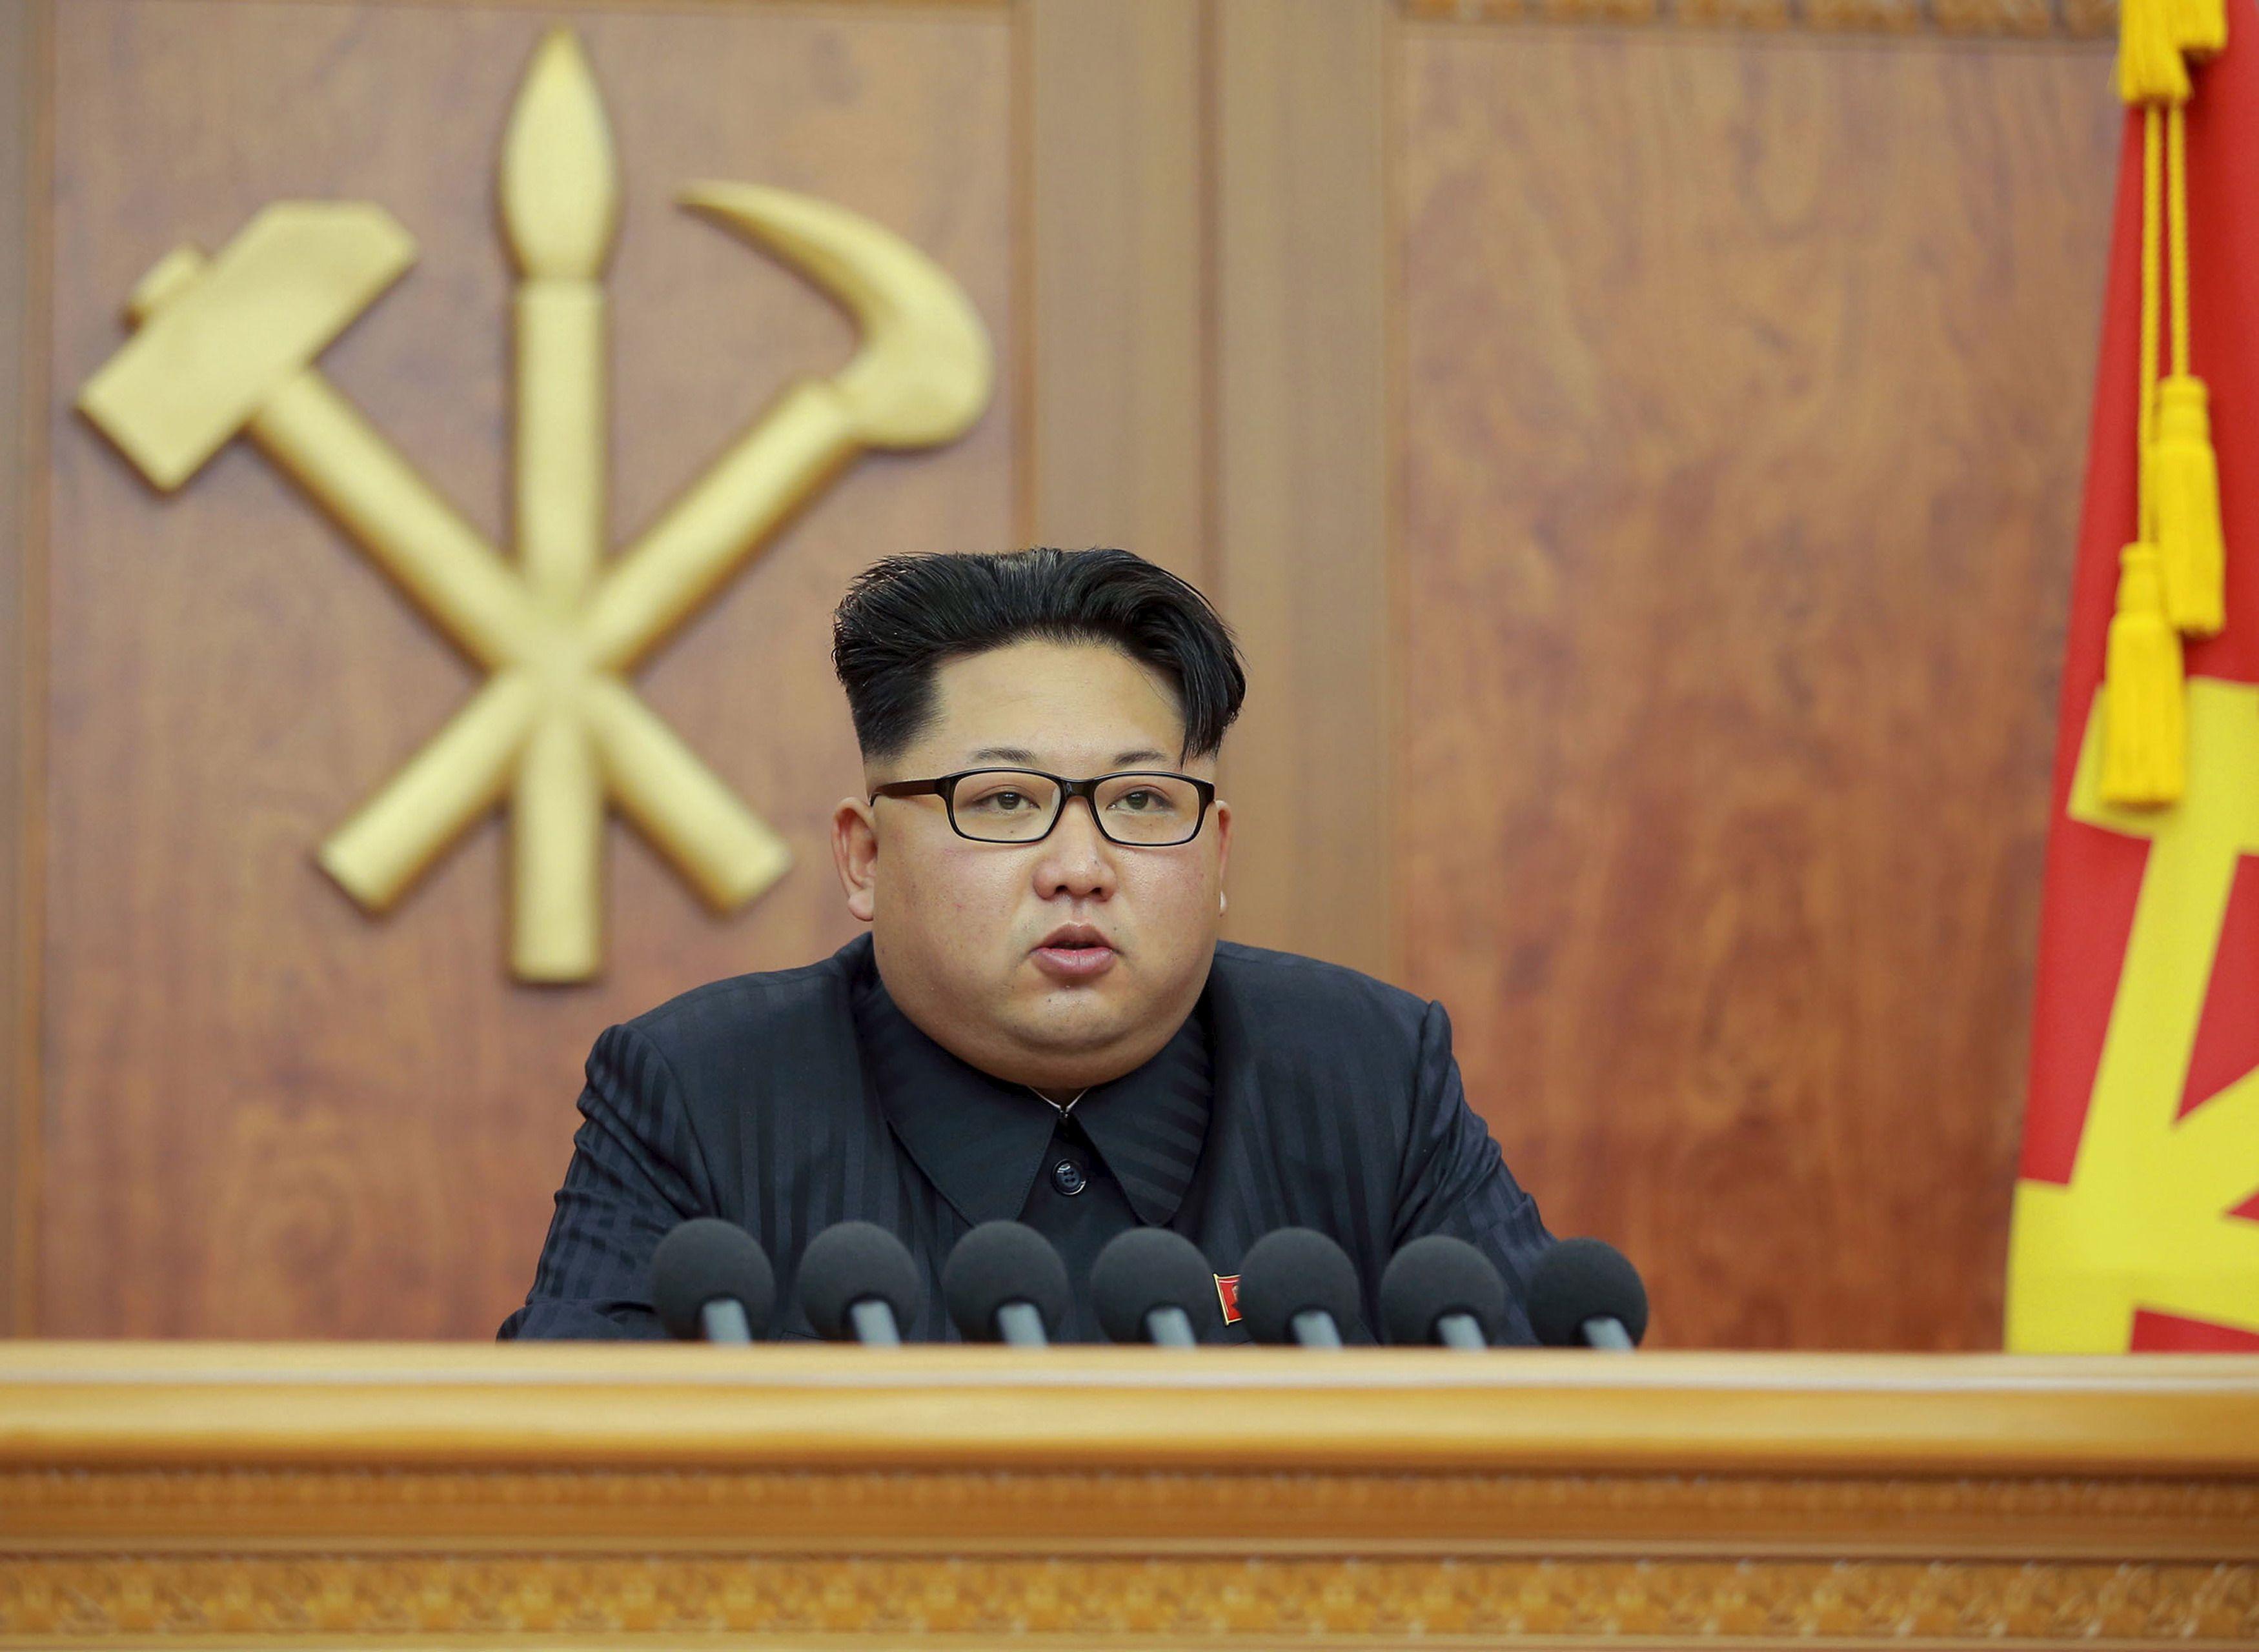 Cette première victoire diplomatique que pourrait obtenir Donald Trump dans sa gestion de l'inquiétant cas nord-coréen